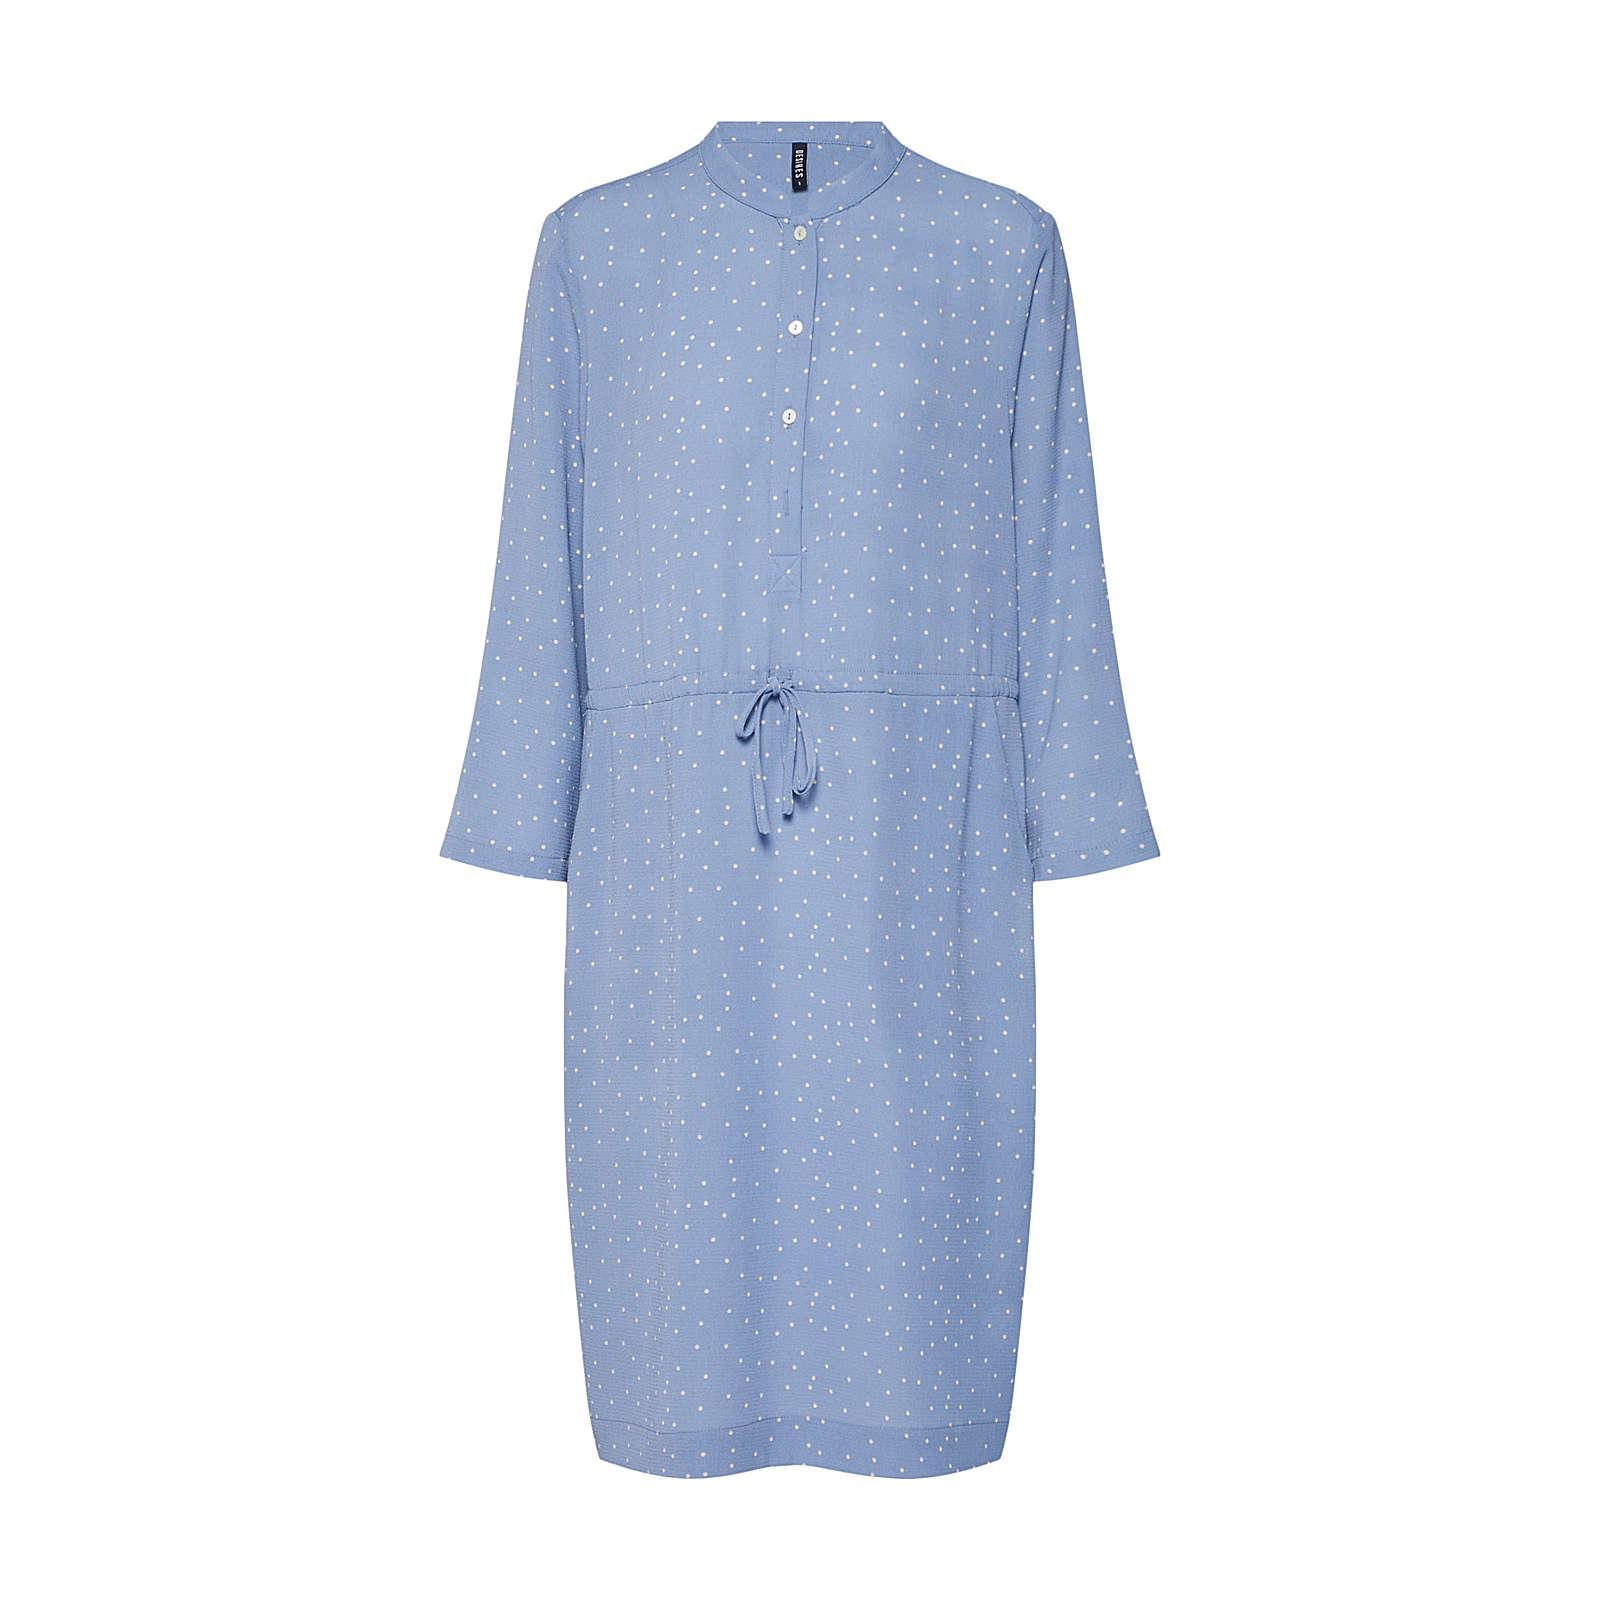 Desires Blusenkleid Valeska Blusenkleider weiß Damen Gr. 34